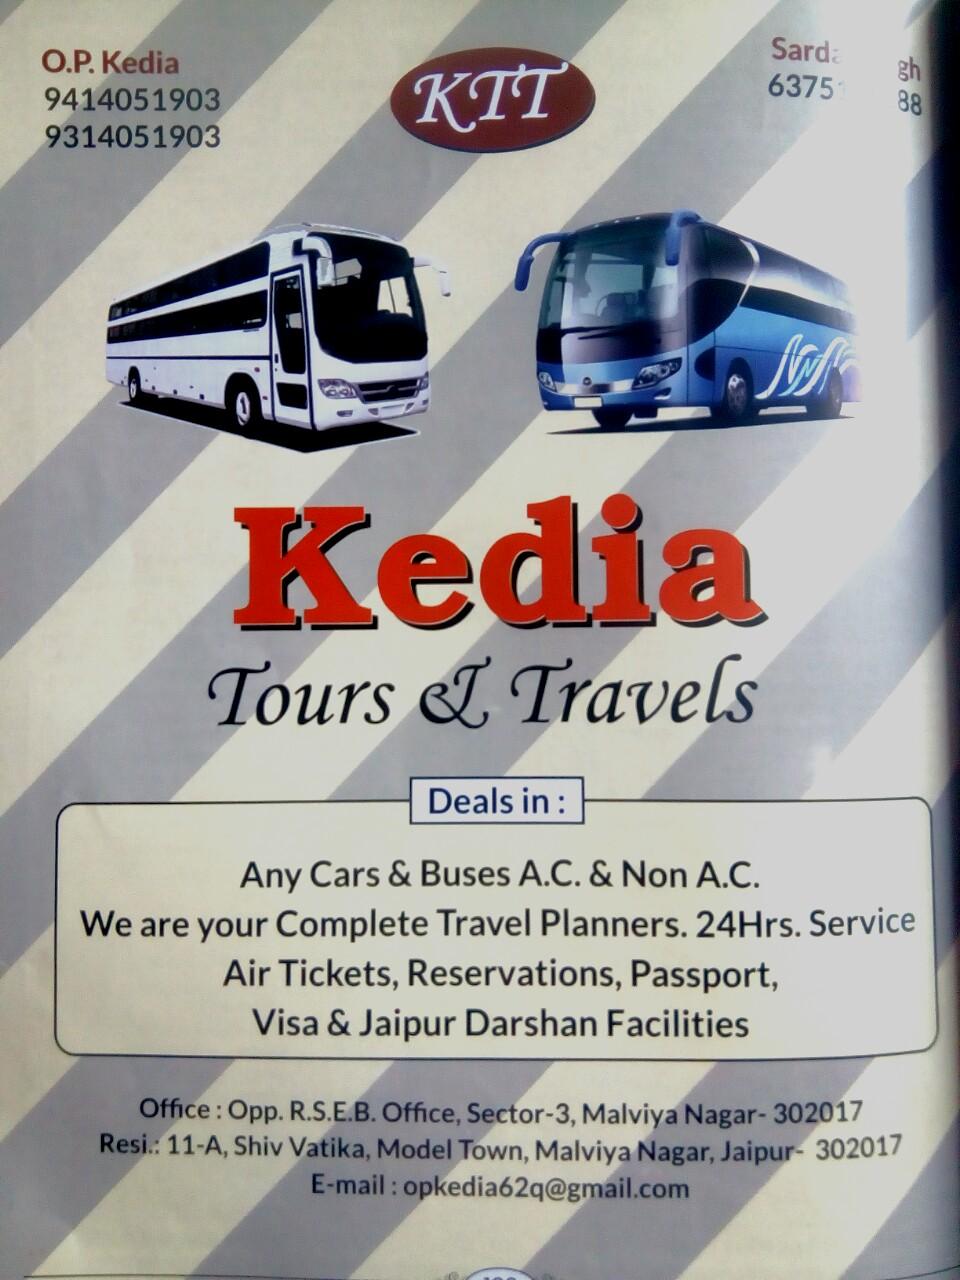 Kedia Tours Travels In Malviya Nagar Jaipur 302017 Sulekha Jaipur